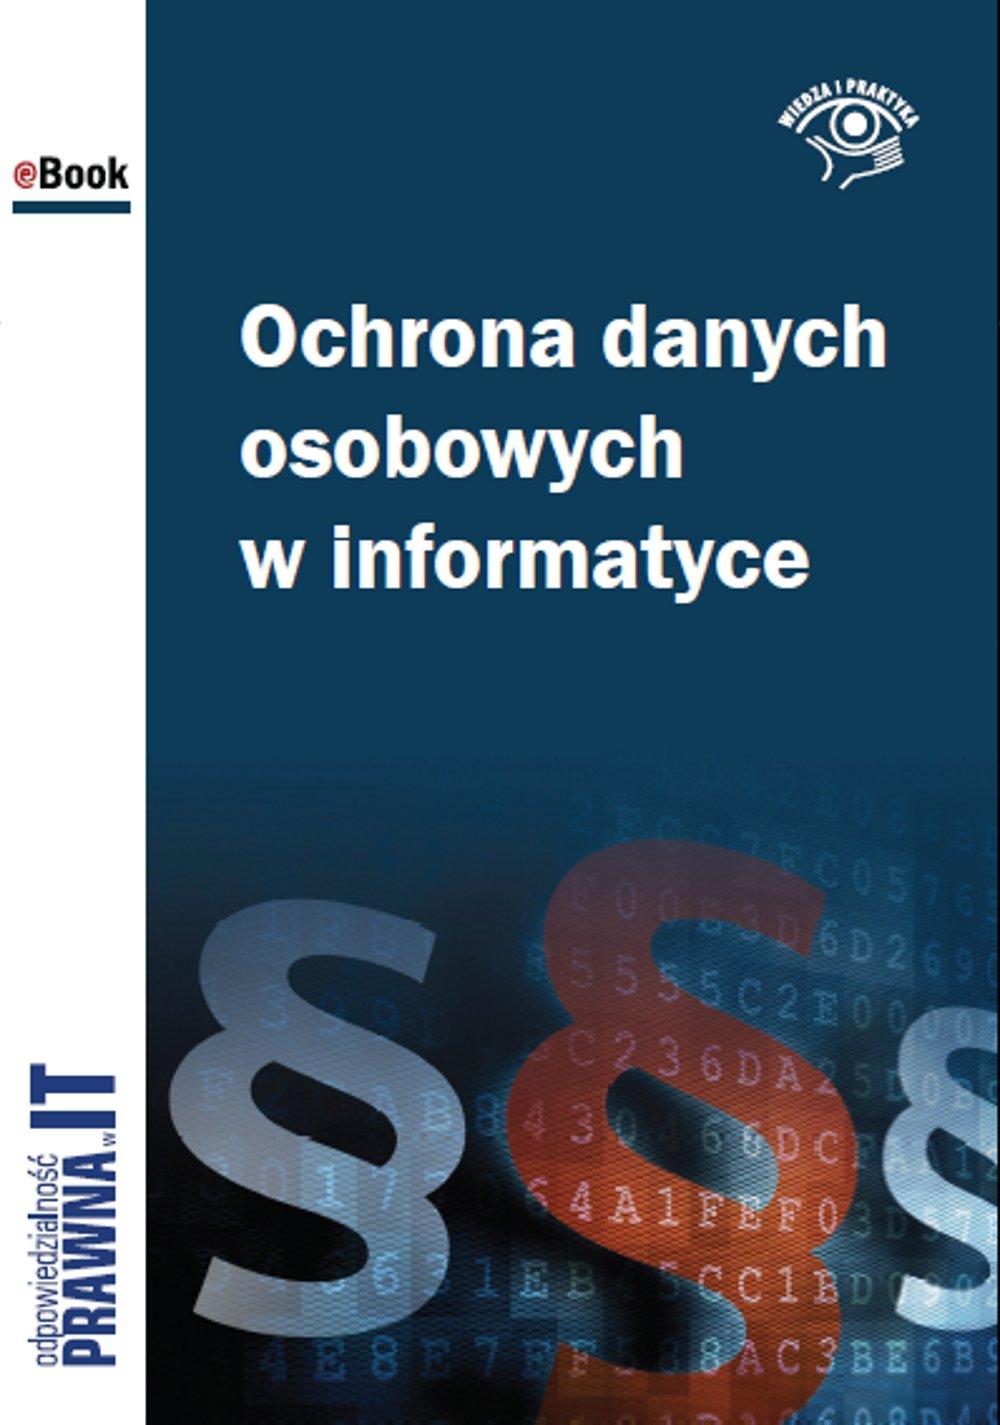 Ochrona danych osobowych w informatyce - Ebook (Książka EPUB) do pobrania w formacie EPUB